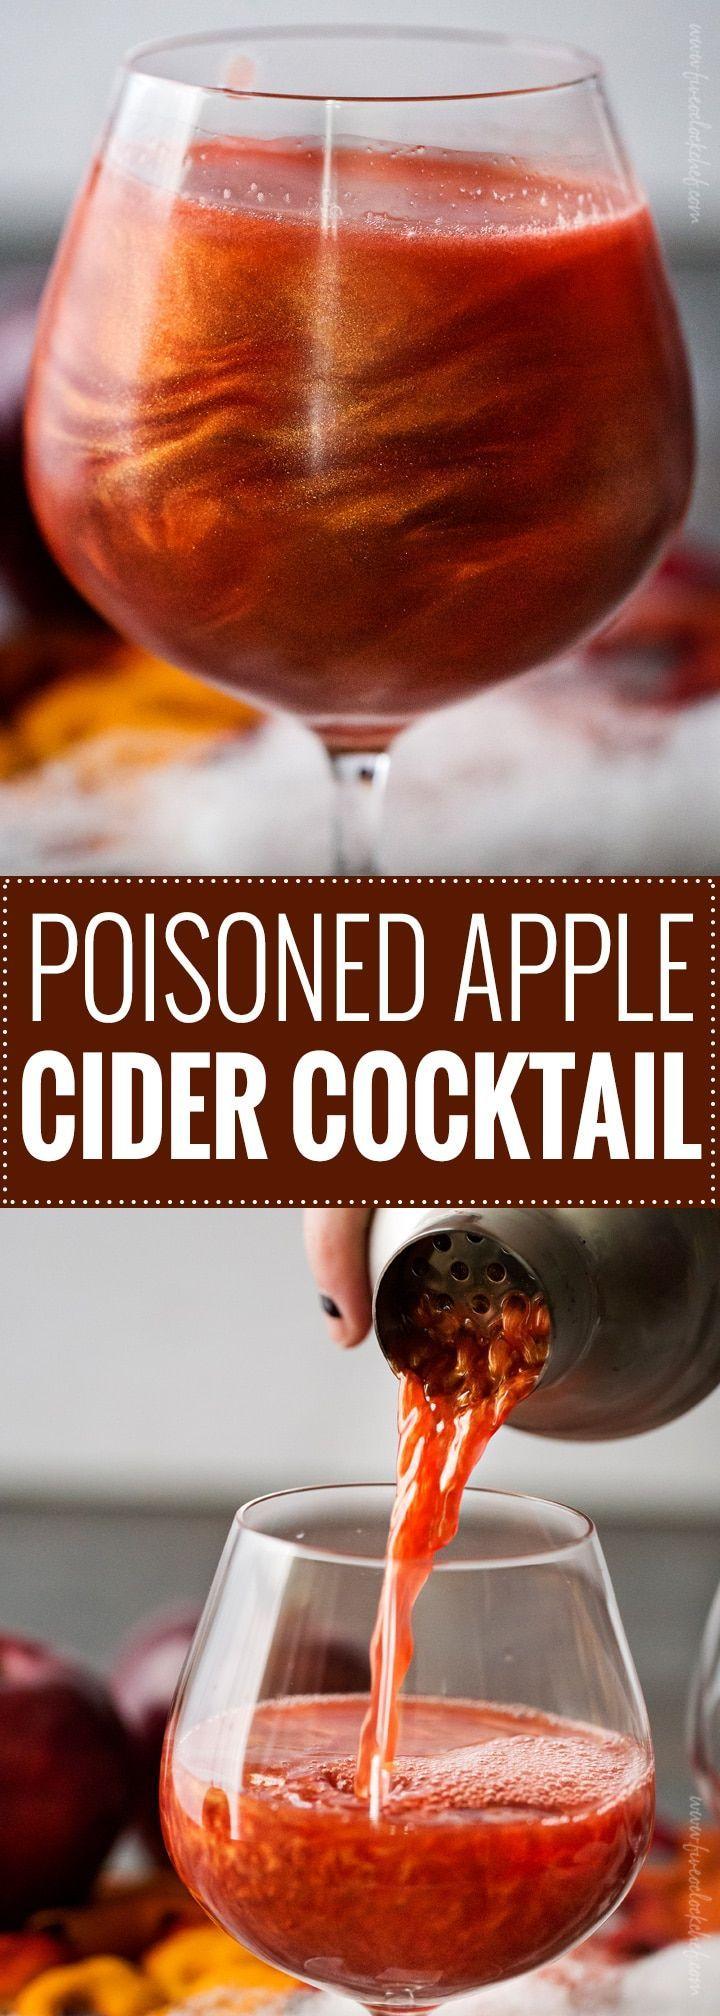 Poisoned Apple Cider Cocktail |  4 oz apple cider + 1 1/2 oz spiced rum + 1 1/2 oz pomegranate juice + 3/4 oz grenadine + scant 1/4 tsp edible luster dust